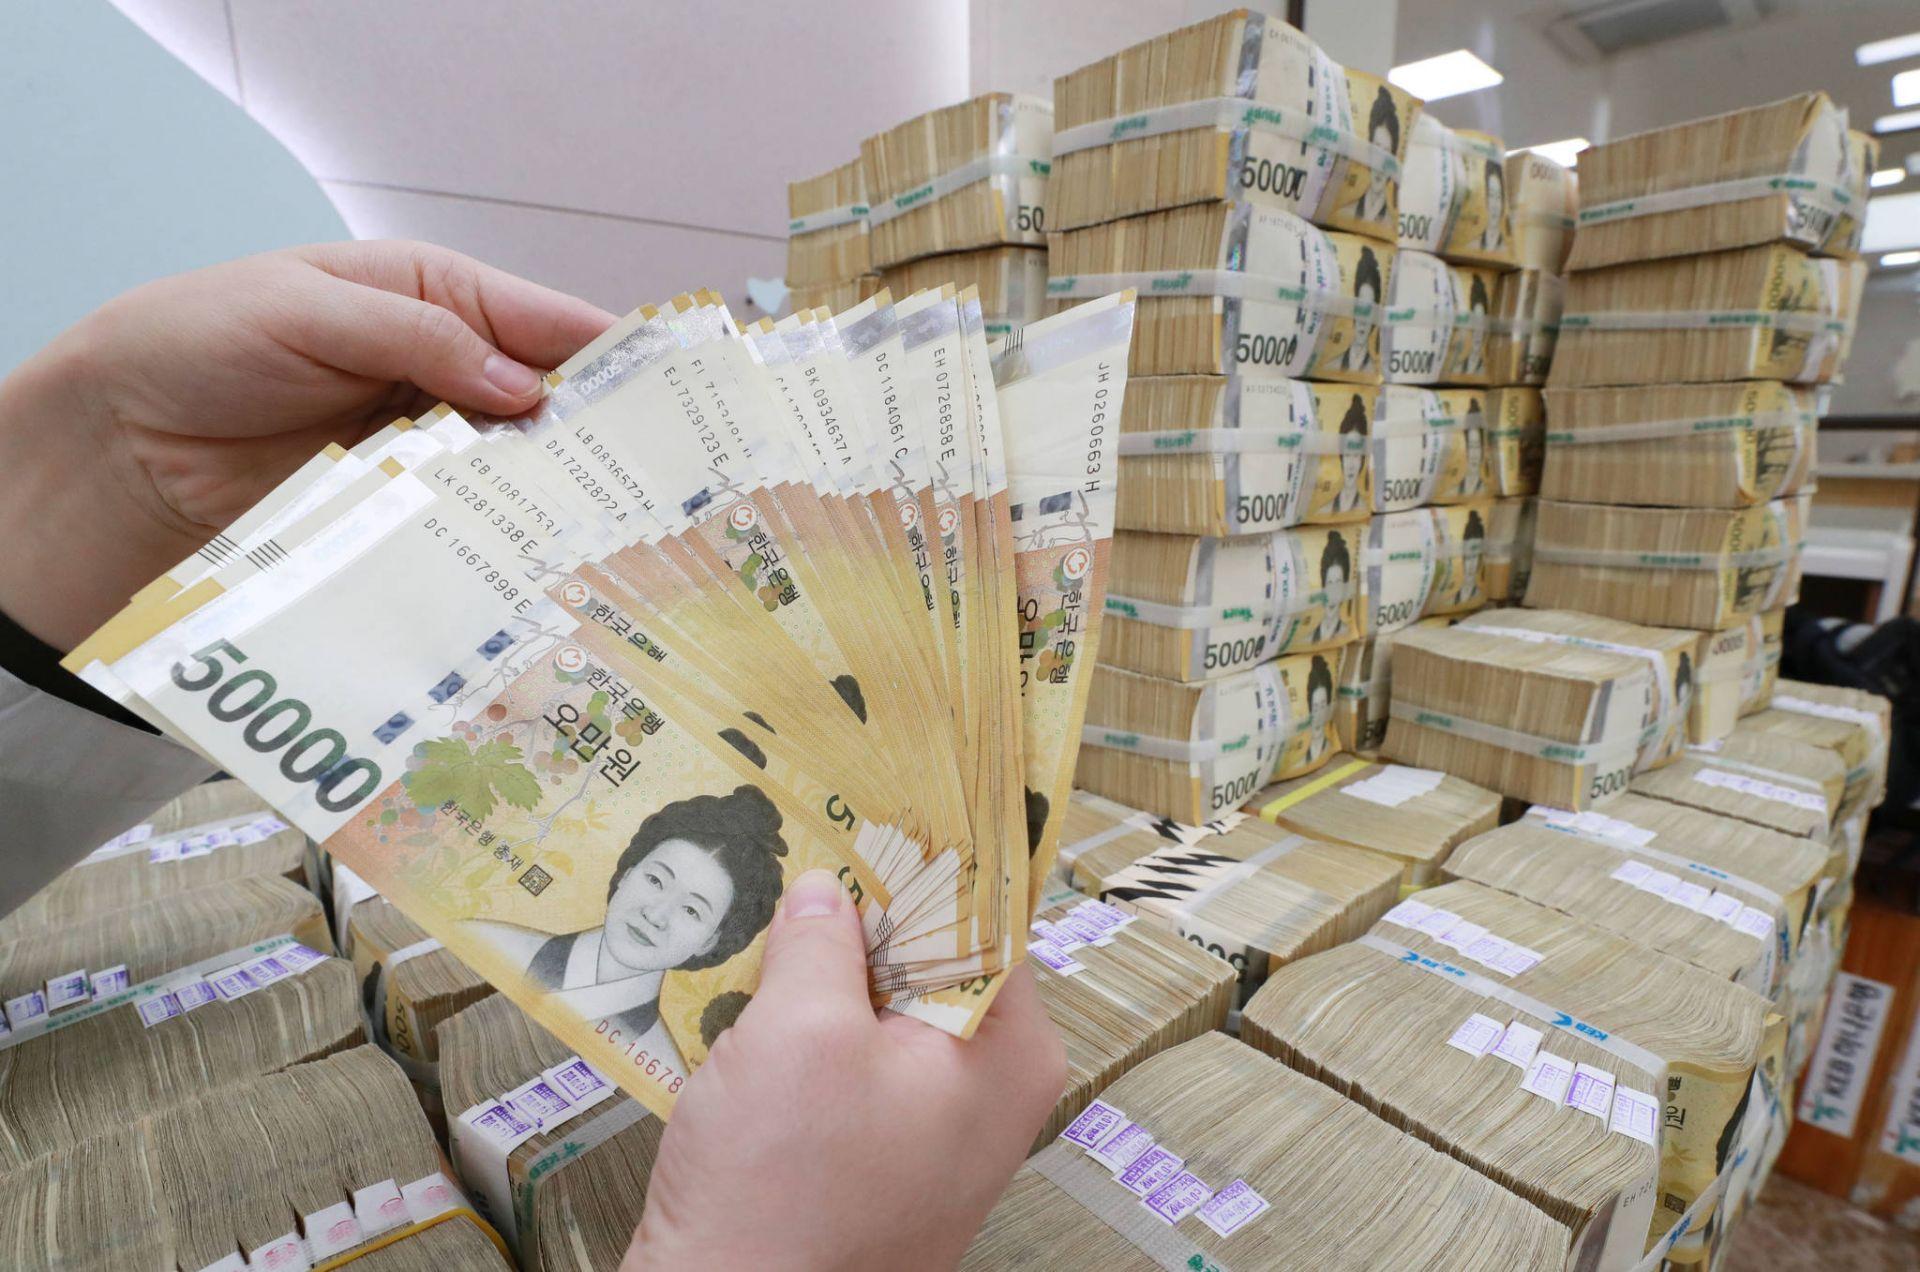 Hàn Quốc: Hoán đổi tiền tệ với Mỹ giúp ổn định thị trường ngoại hối   Tài  chính   Vietnam+ (VietnamPlus)